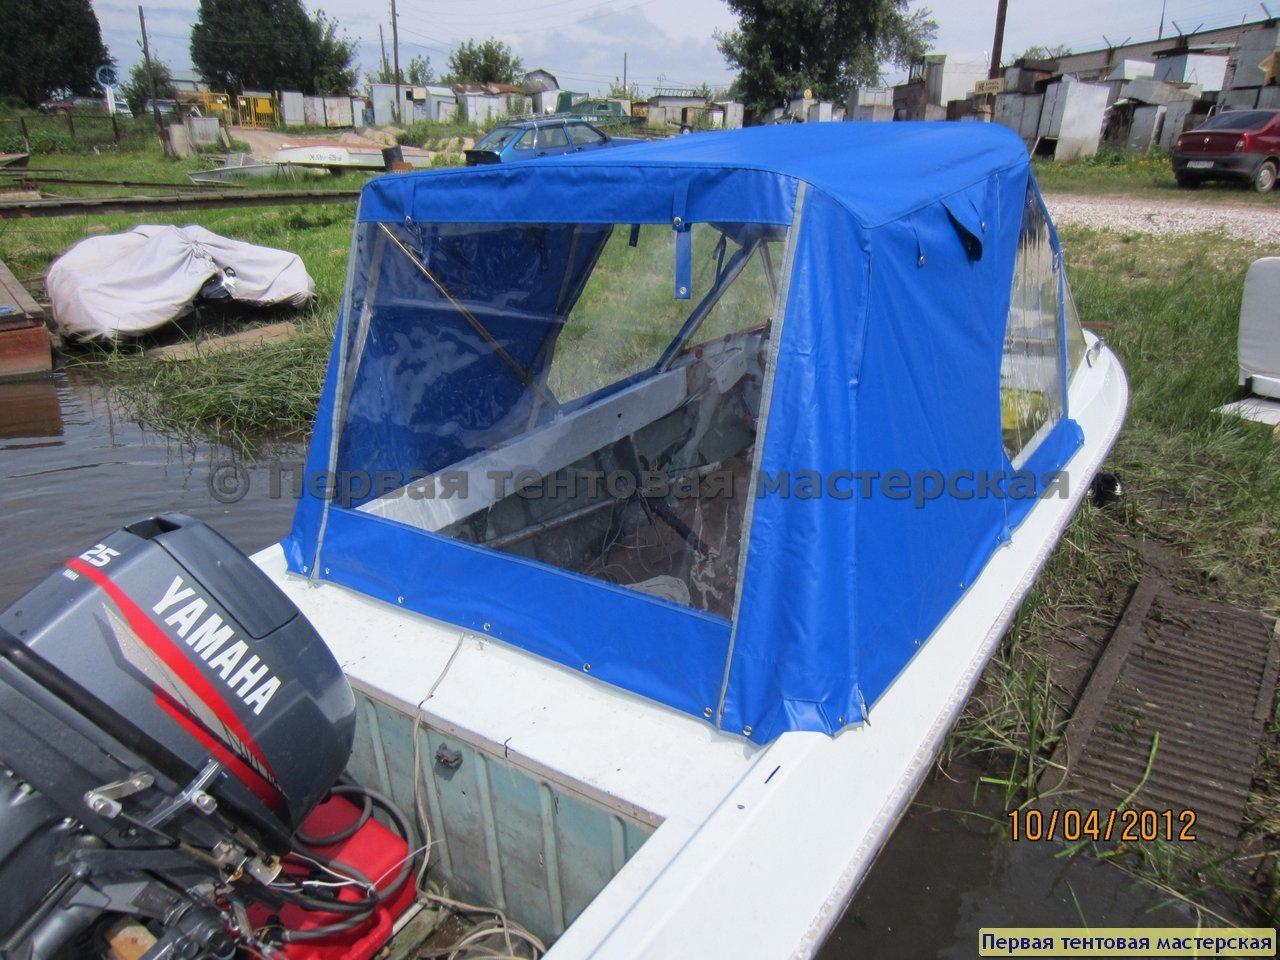 tent_0029